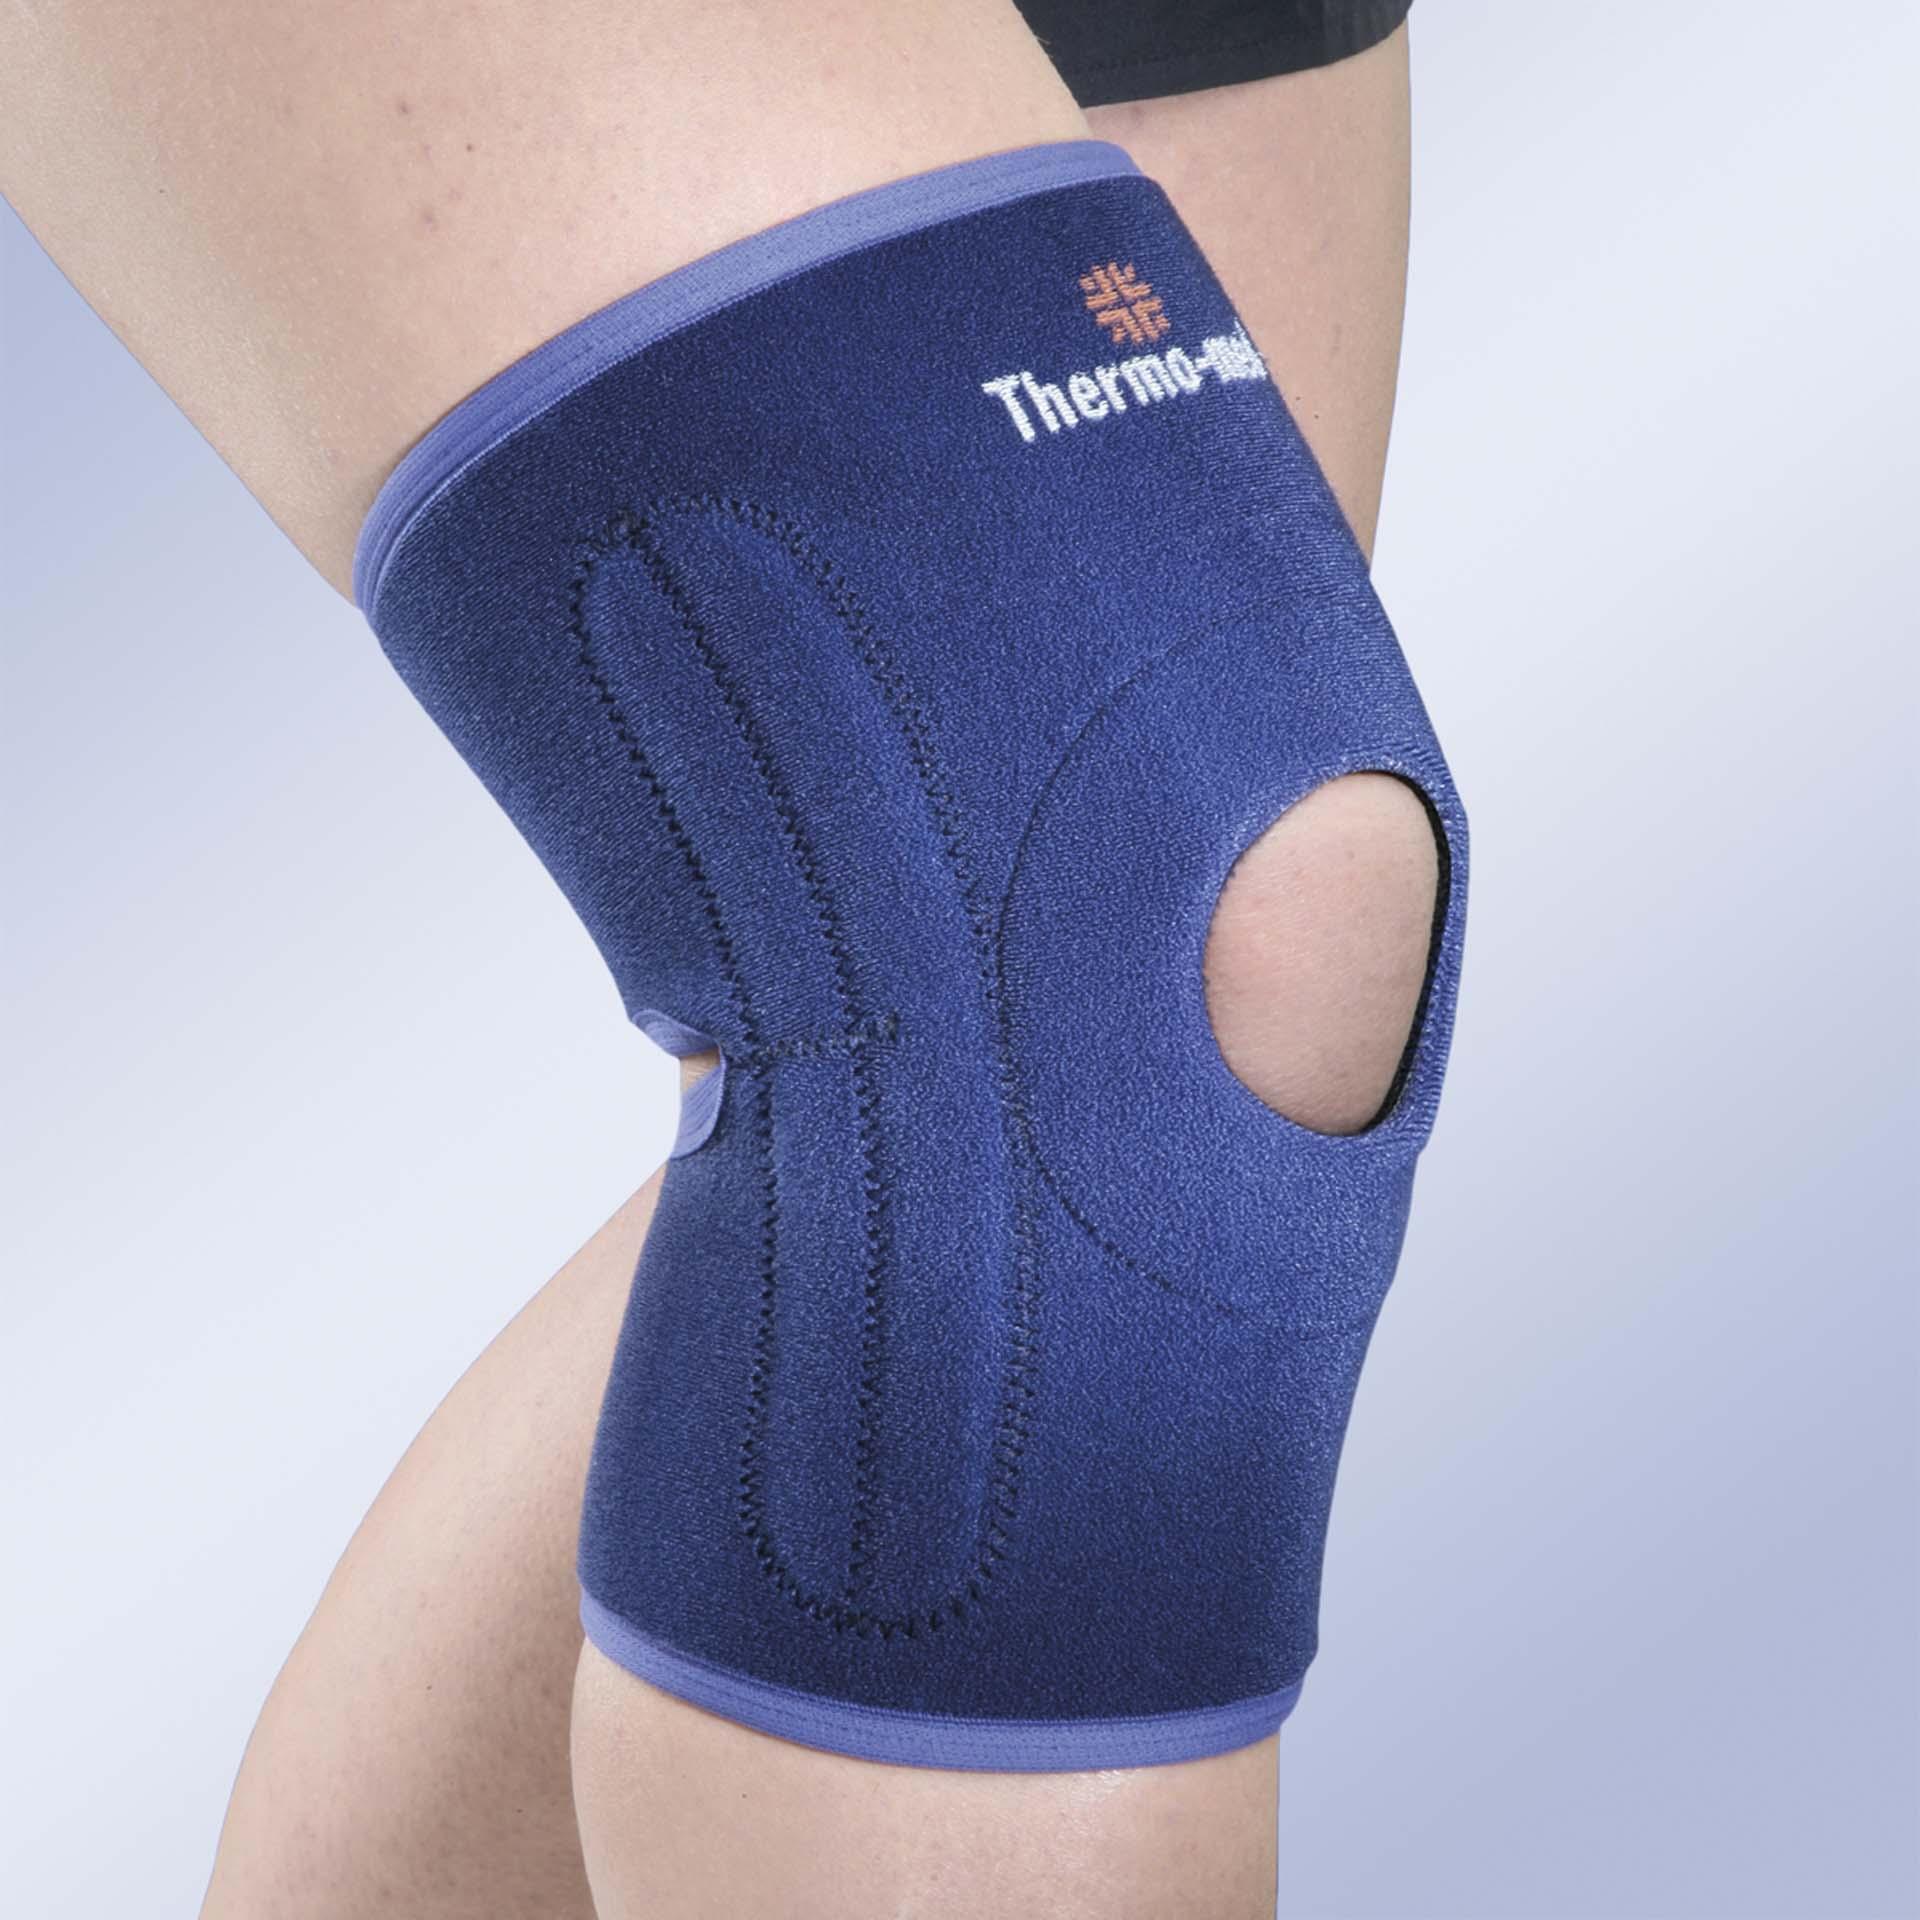 Artrita pentru genunchi Breg, Inc. Osteoartrita Patella, altele, artrită, bretele png | PNGEgg